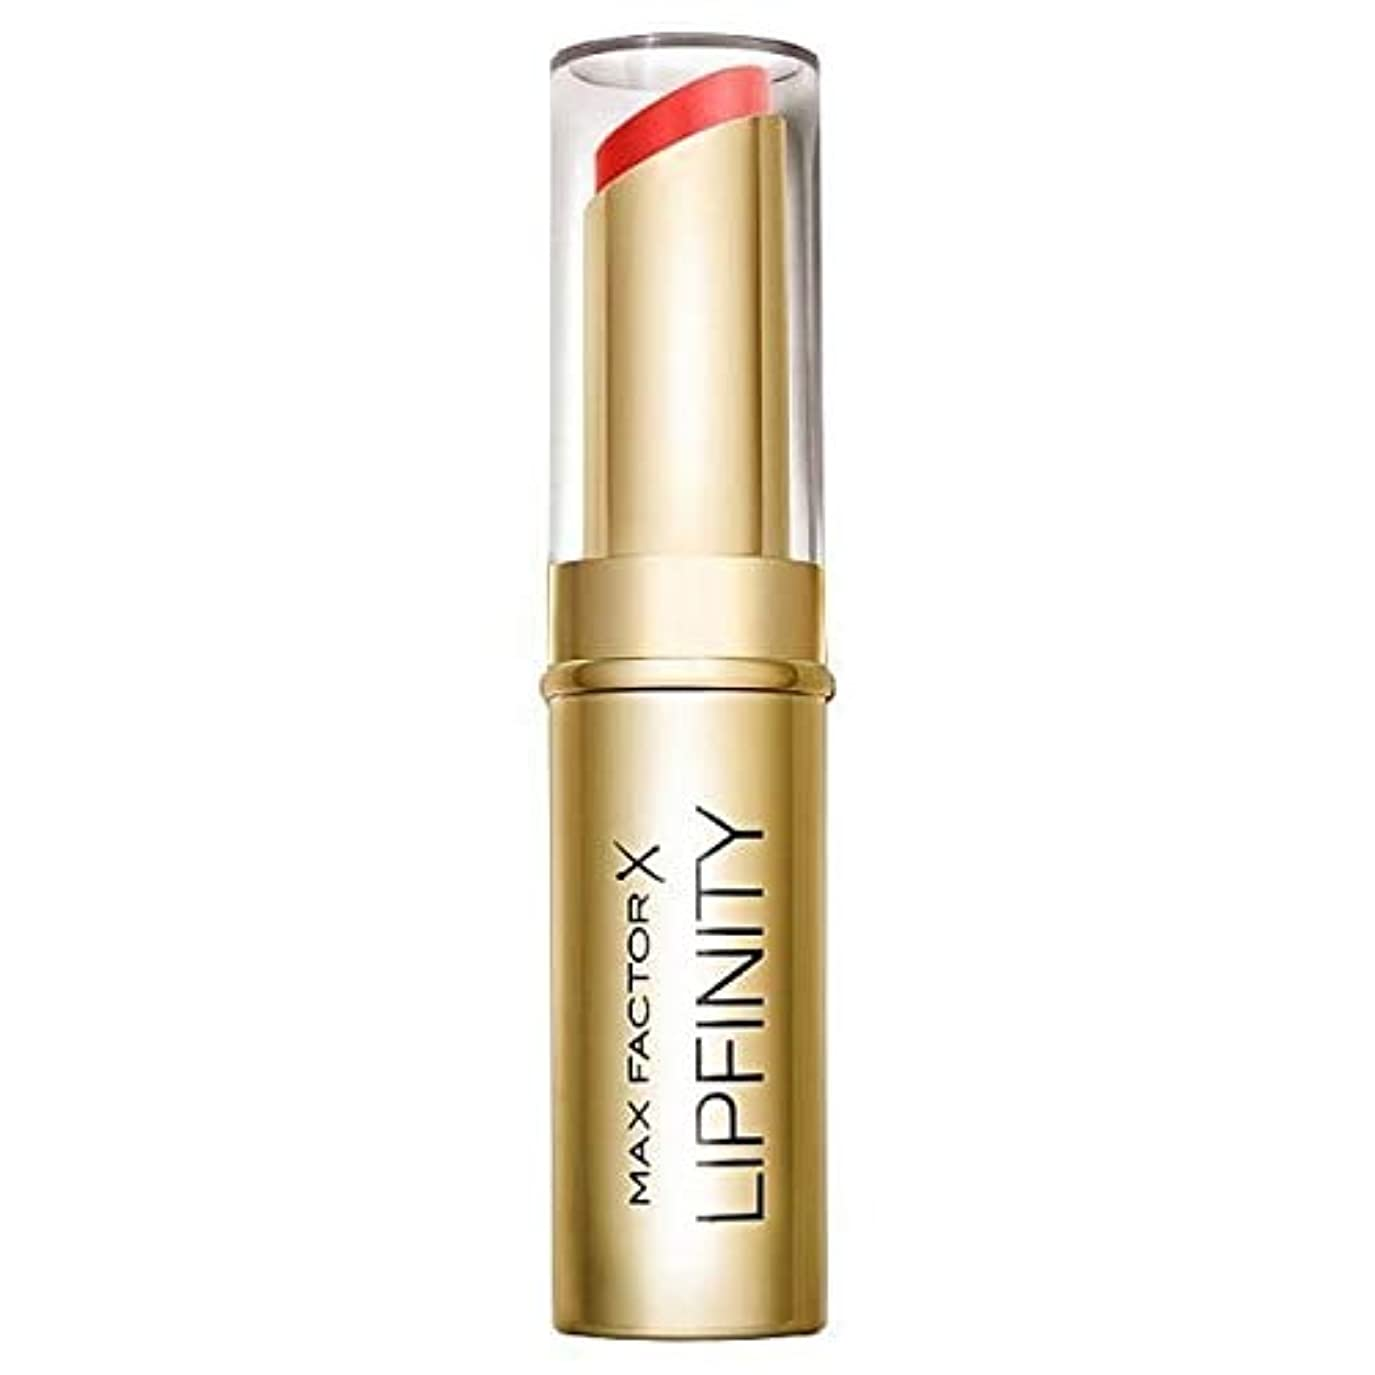 フラフープ急性手当[Max Factor ] 長い口紅だけの豪華持続マックスファクターLipfinity - Max Factor Lipfinity Long Lasting Lipstick Just Deluxe [並行輸入品]